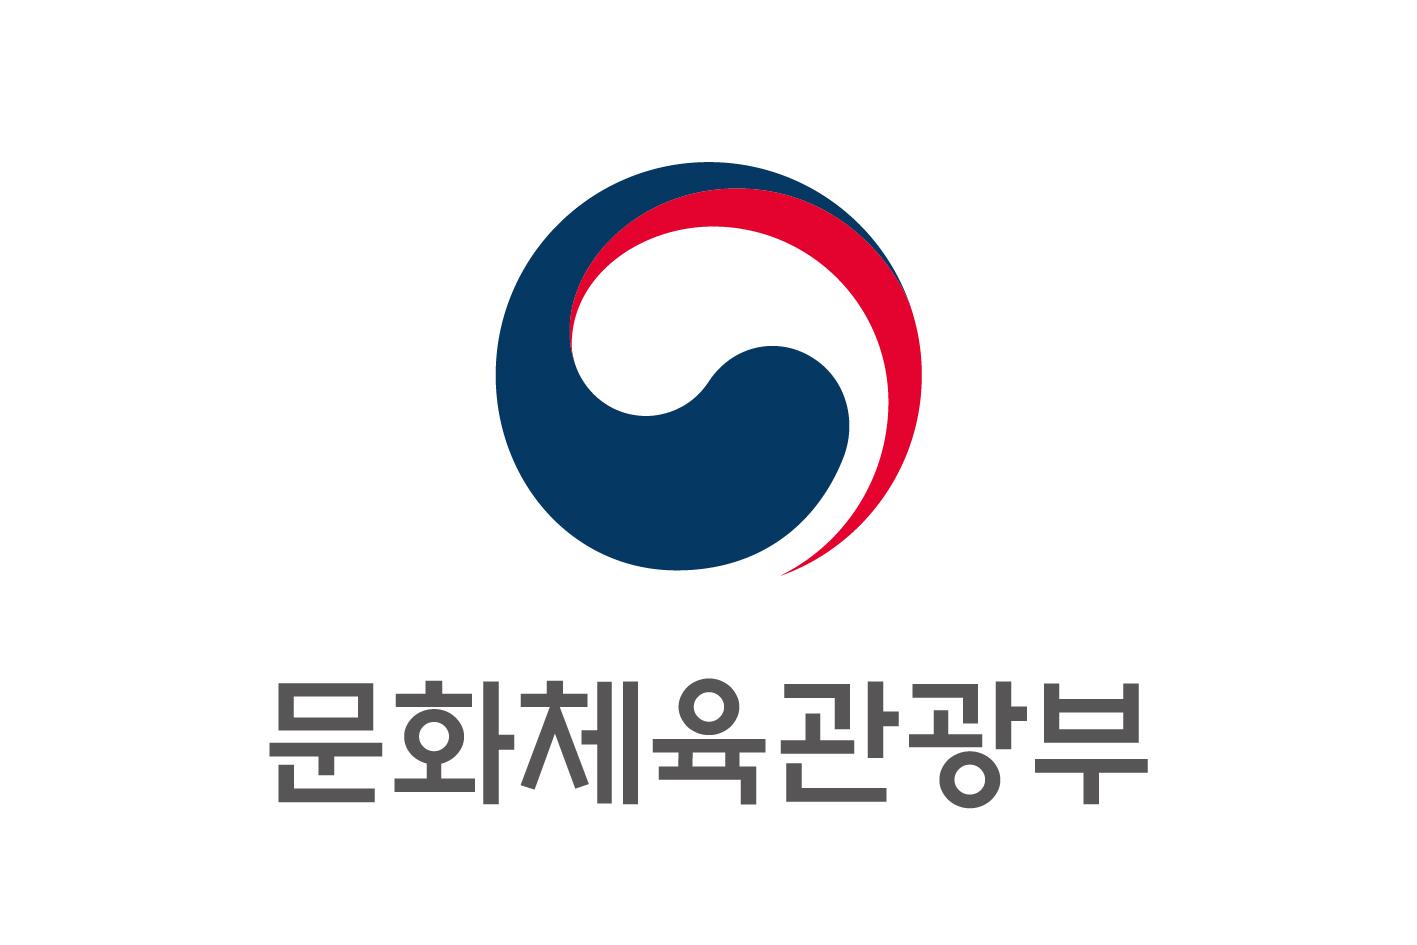 문화부4일인천서VR테마파크개장